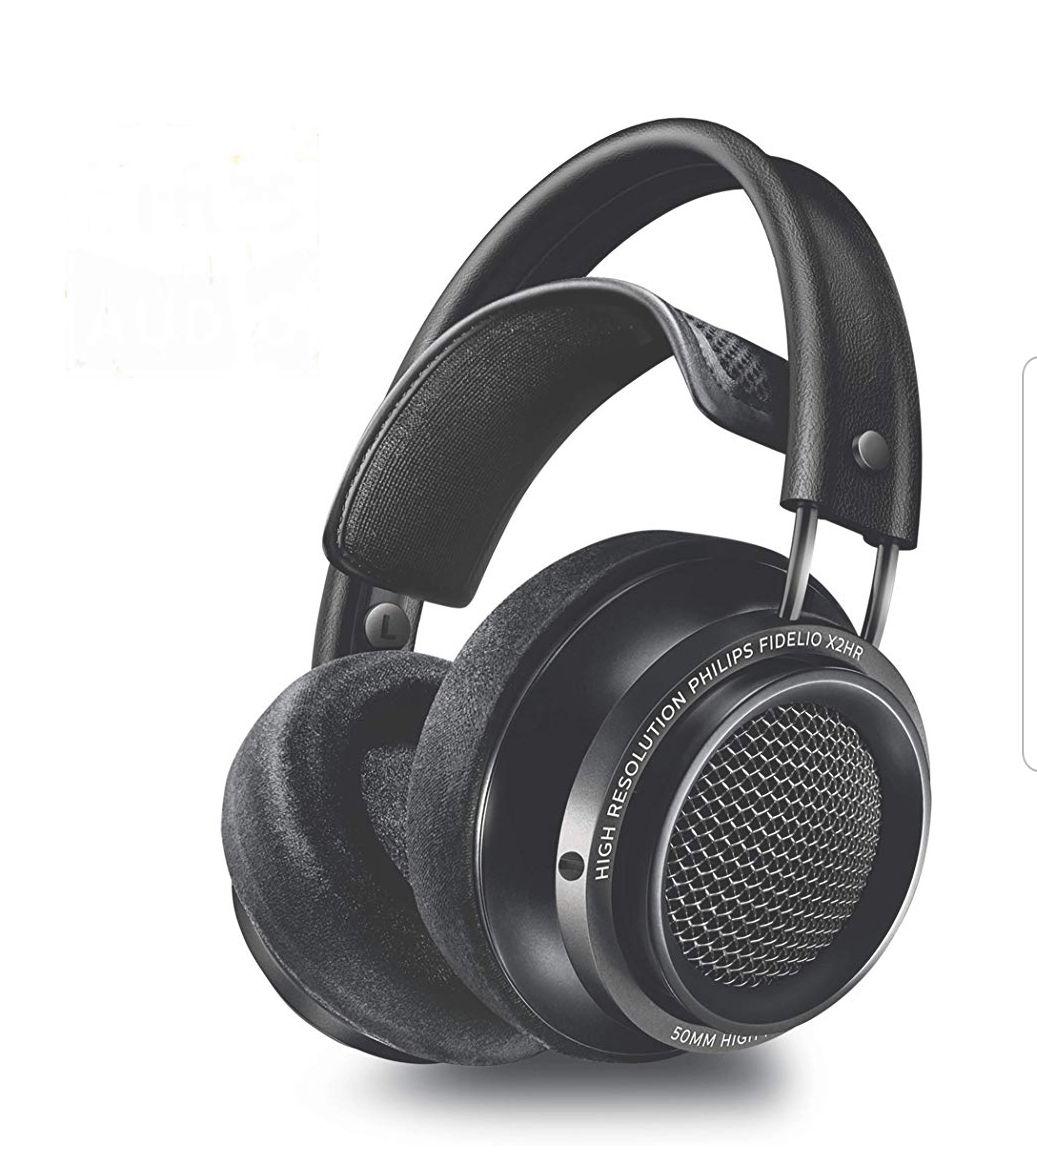 Casque audio filaire Philips Fidelio X2